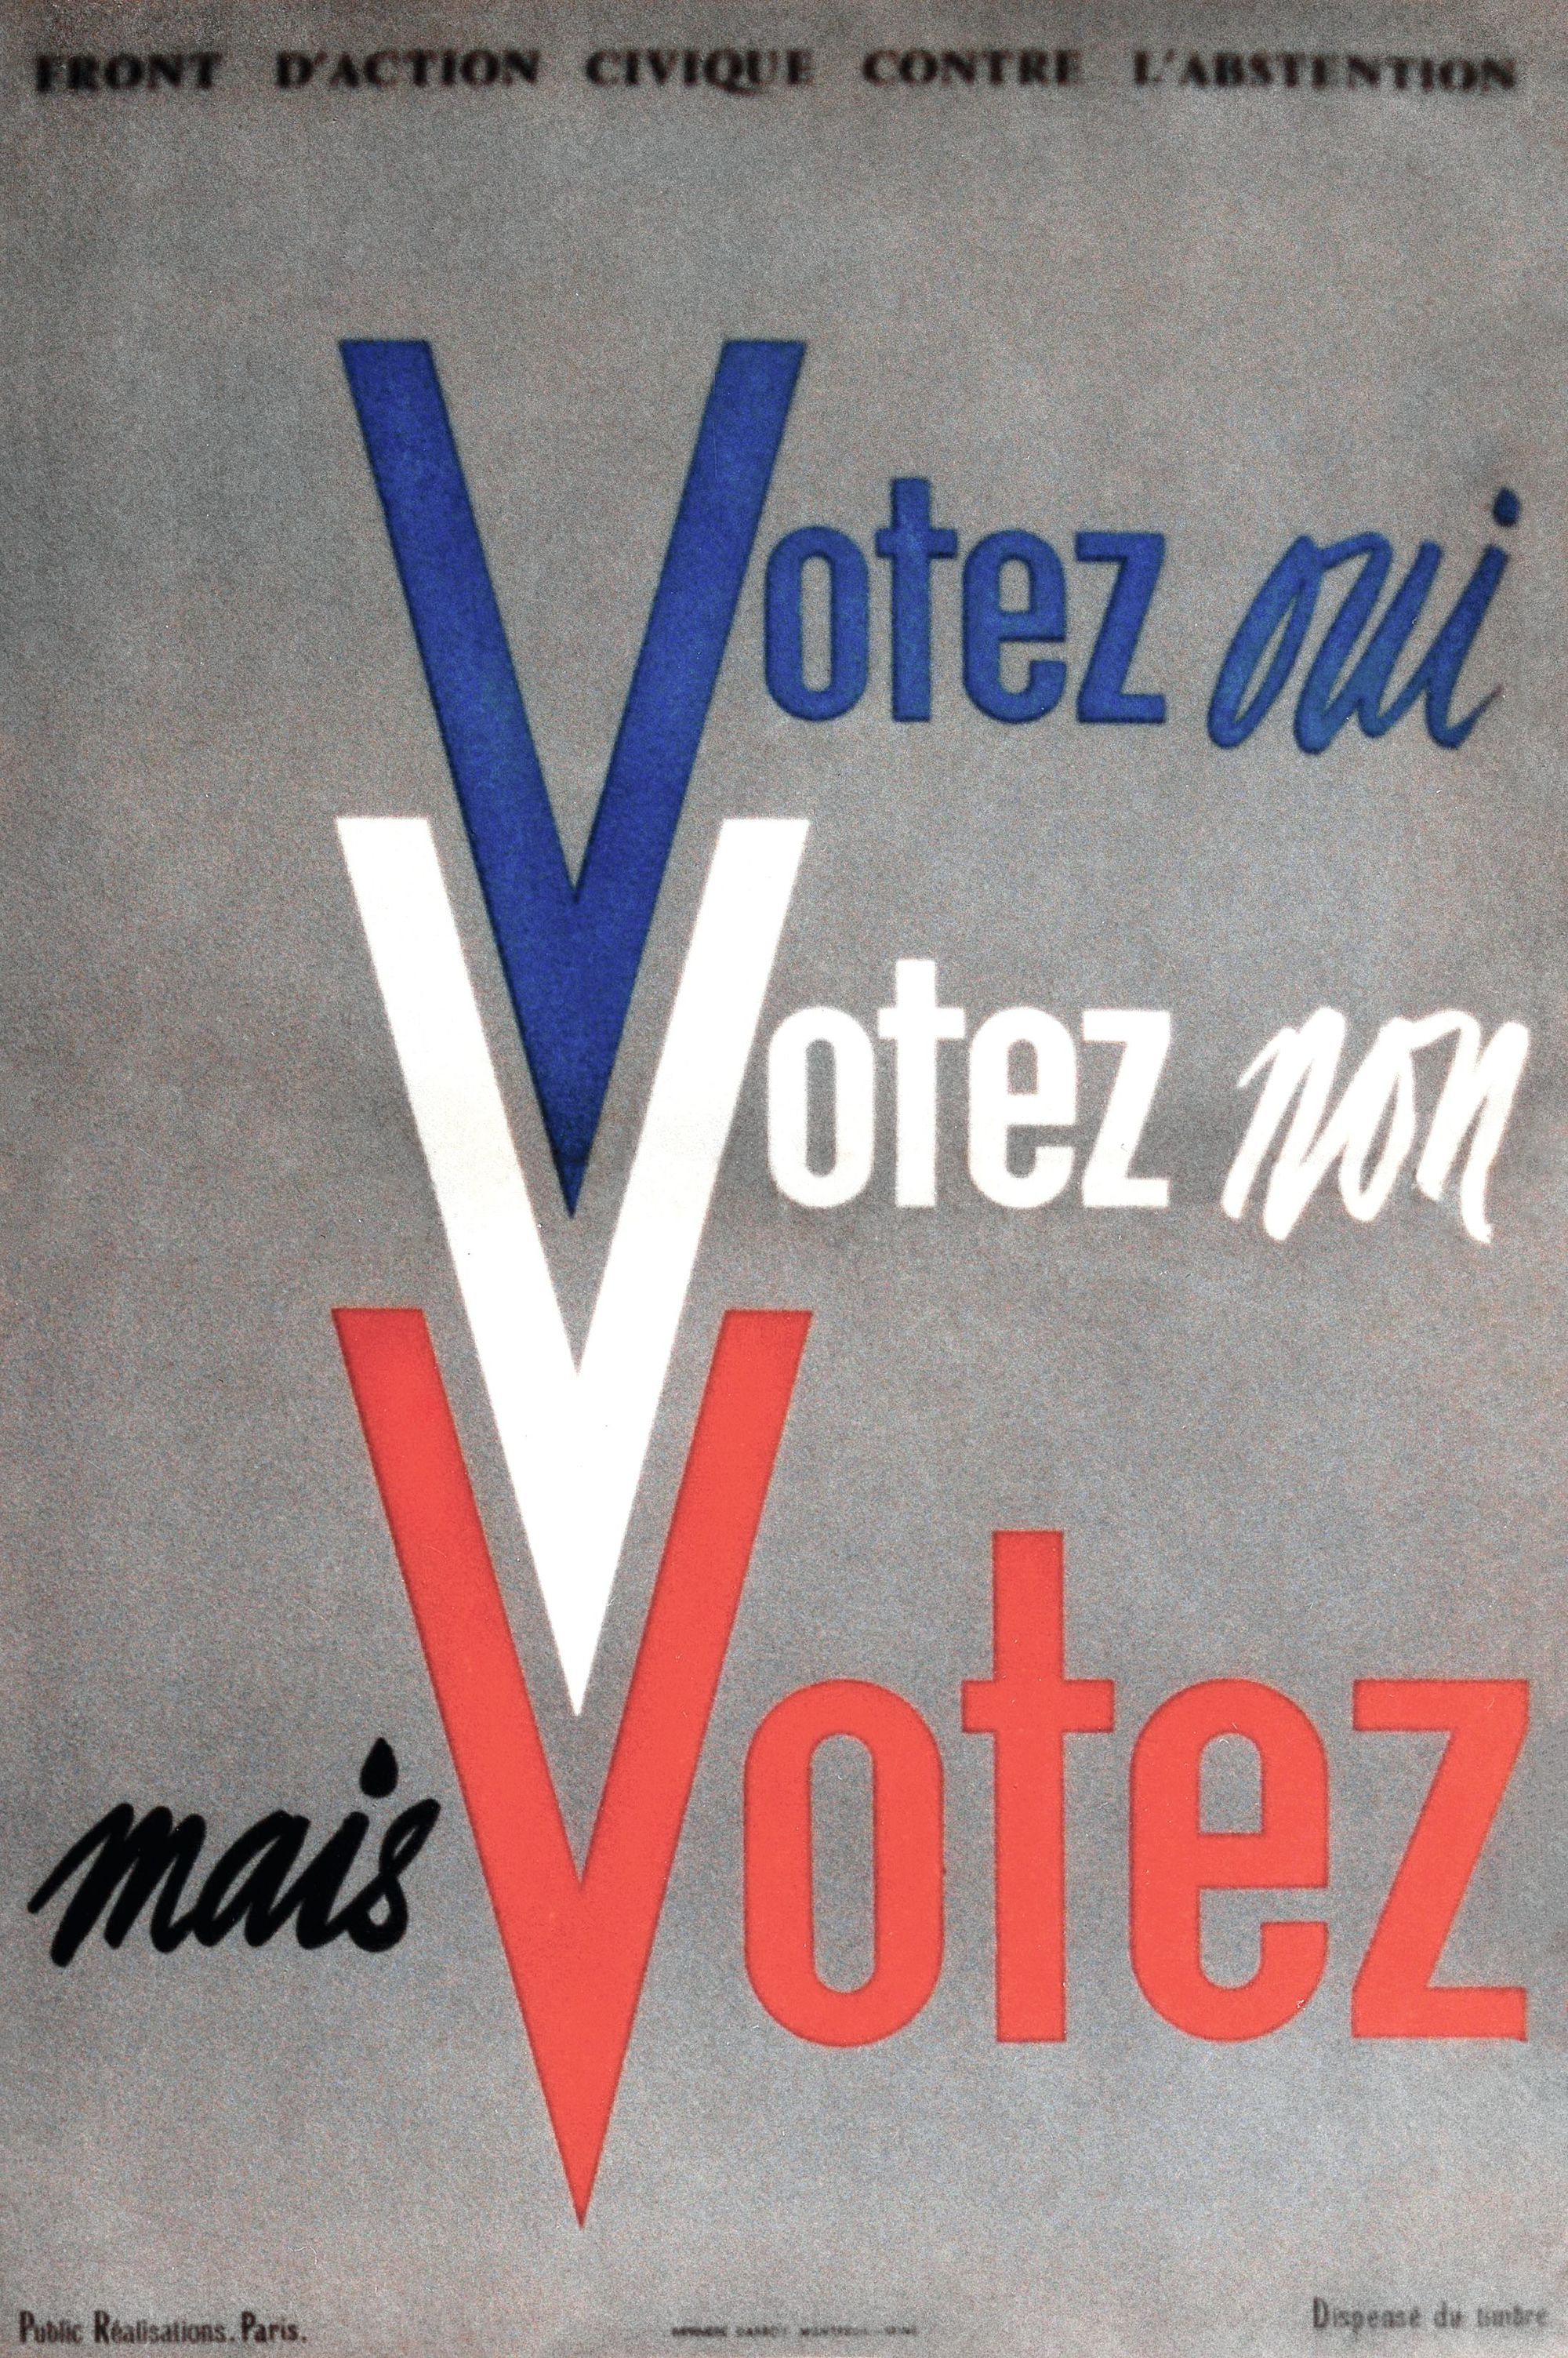 Affiche du Front d'action civique contre l'abstention lors de la campagne sur le référendum pour la Ve République en 1958.